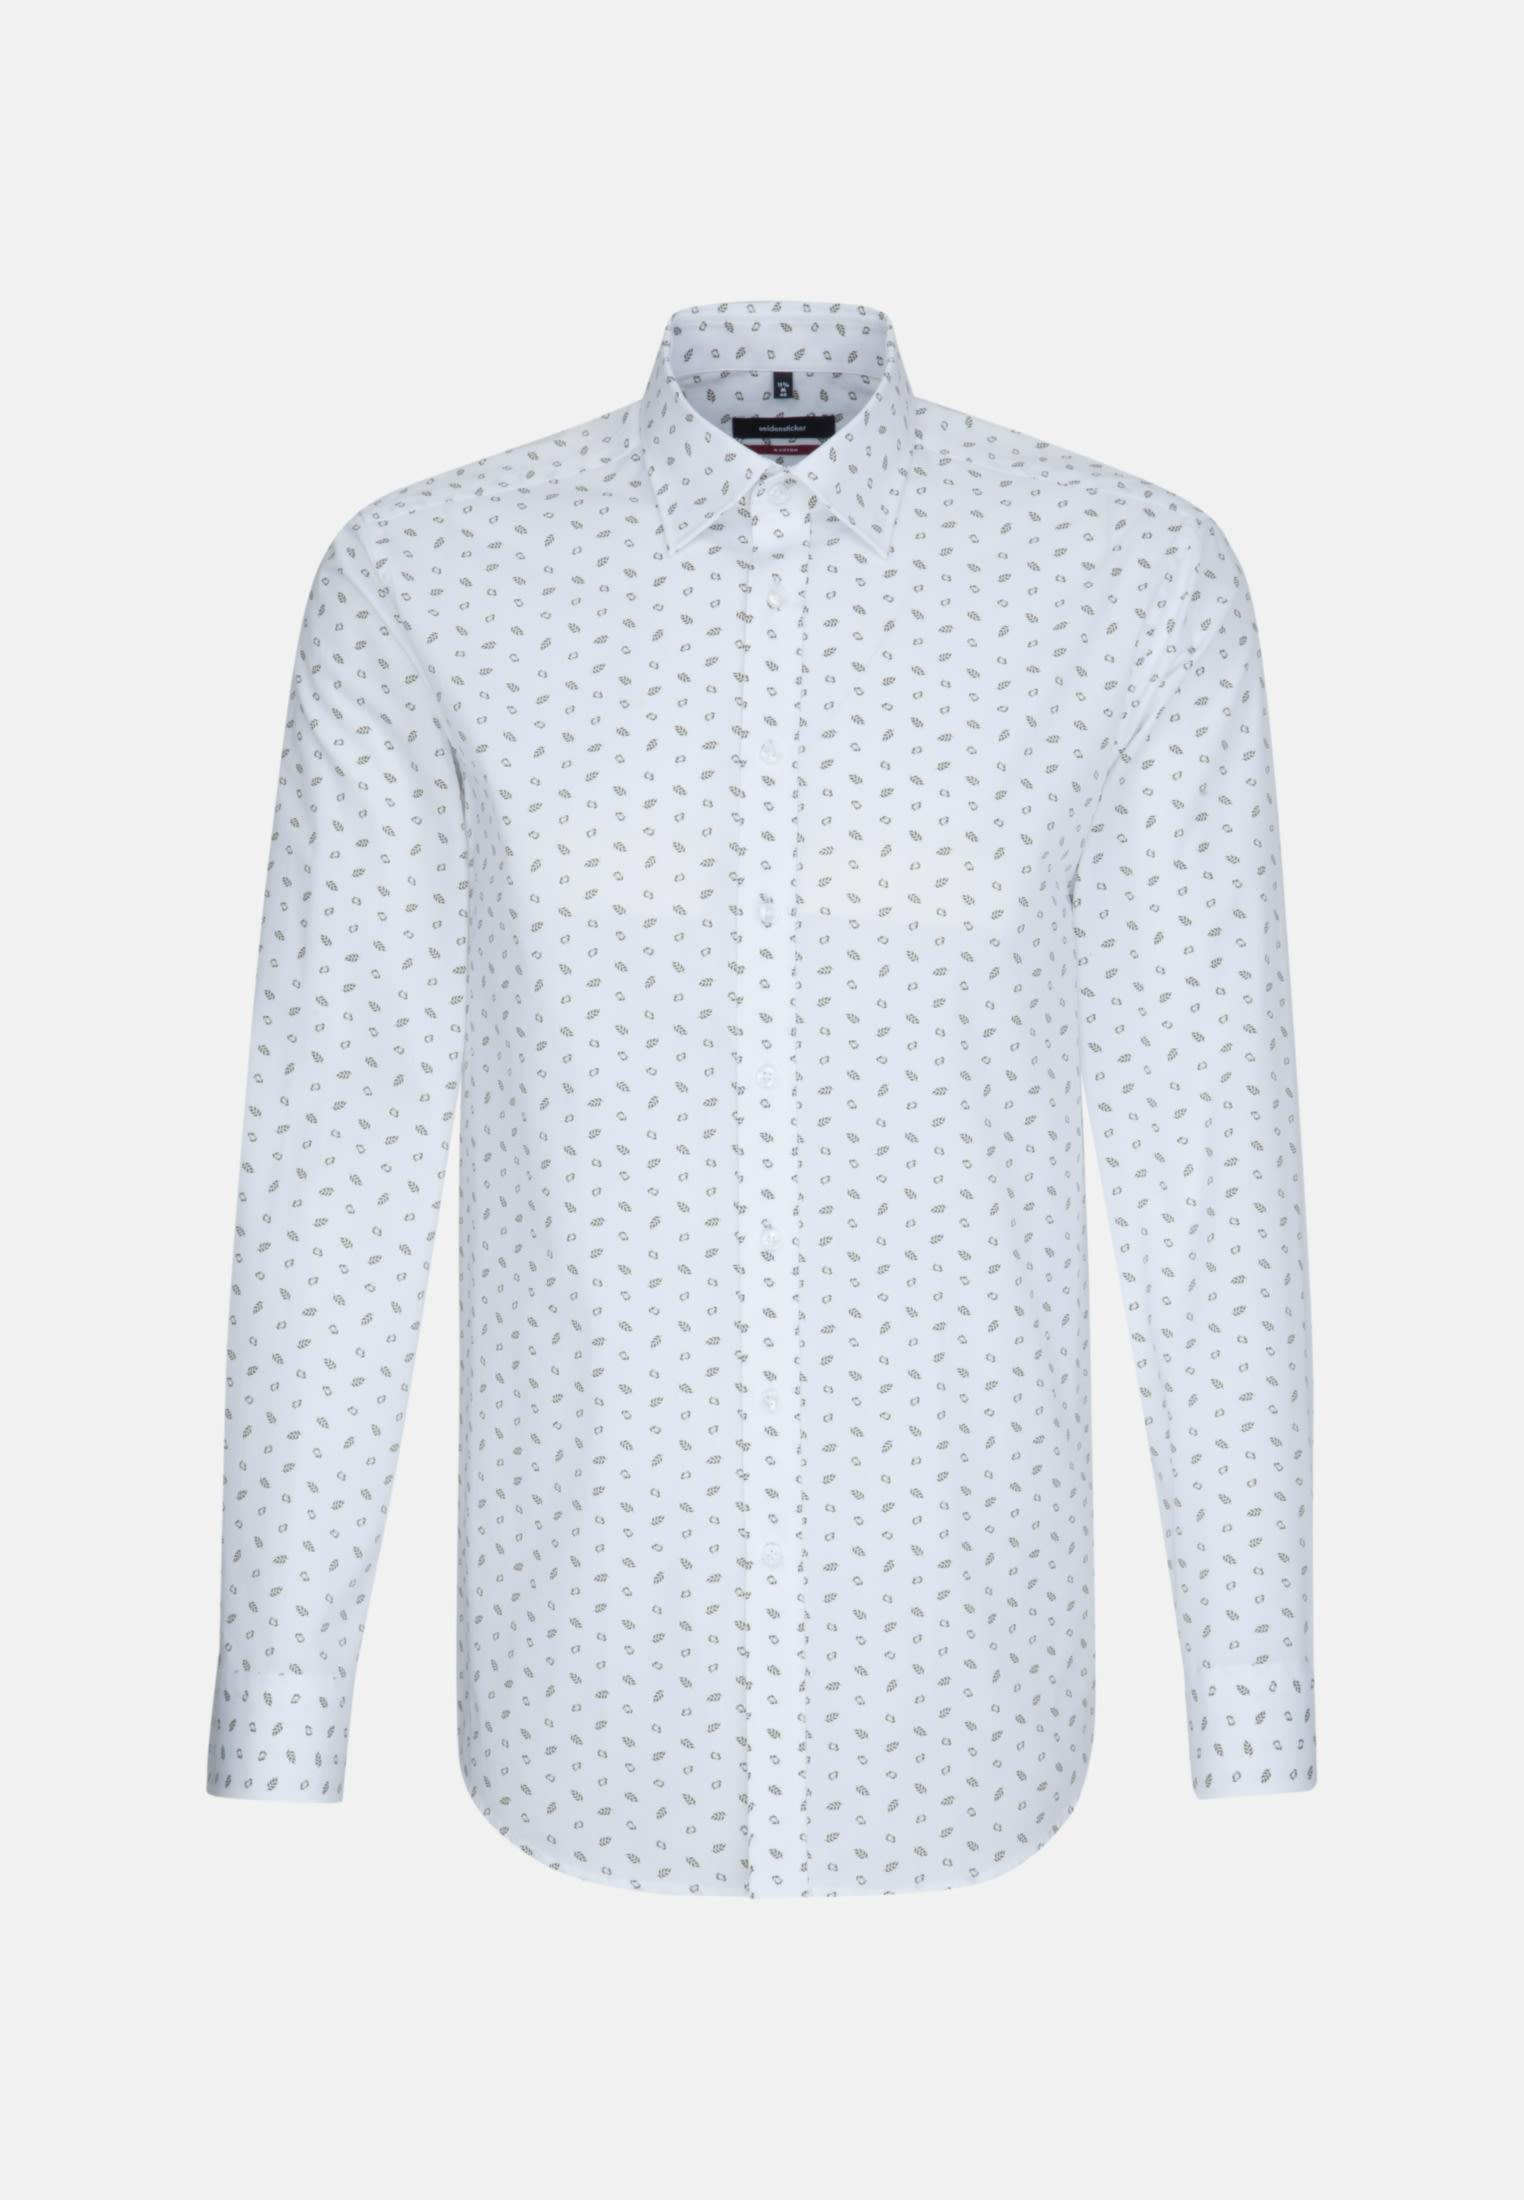 Bügelleichtes Popeline Business Hemd in Regular mit Covered-Button-Down-Kragen in Weiß |  Seidensticker Onlineshop